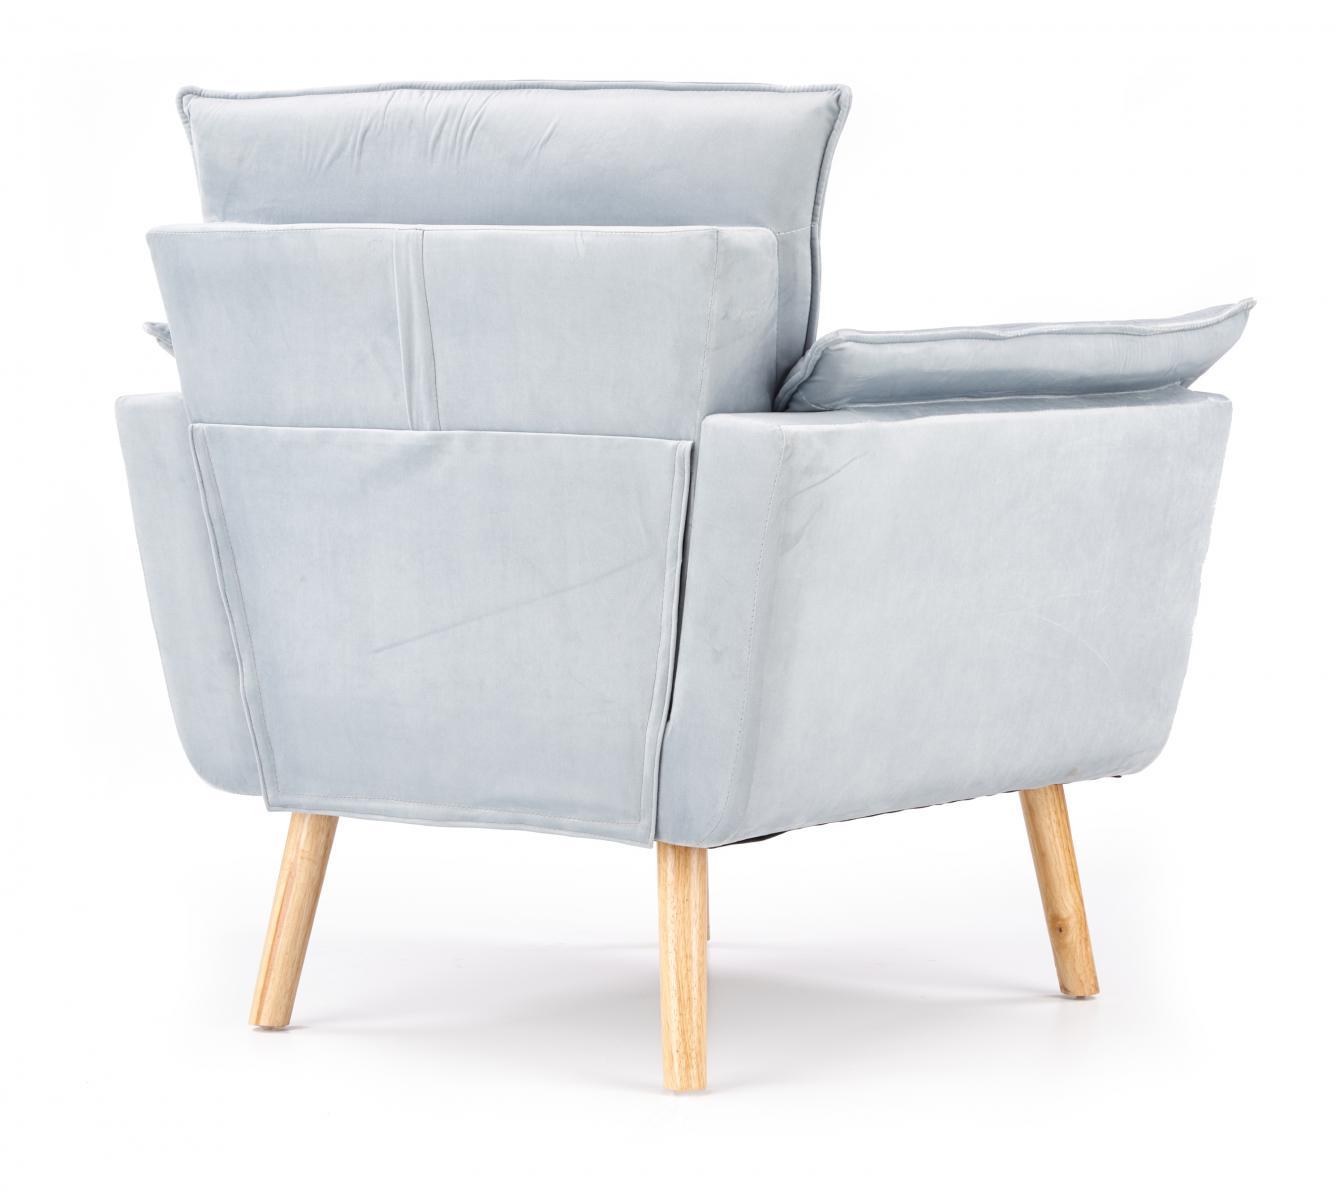 Fotel Rezzo jasnoszary na kauczukowych drewnianych nogach